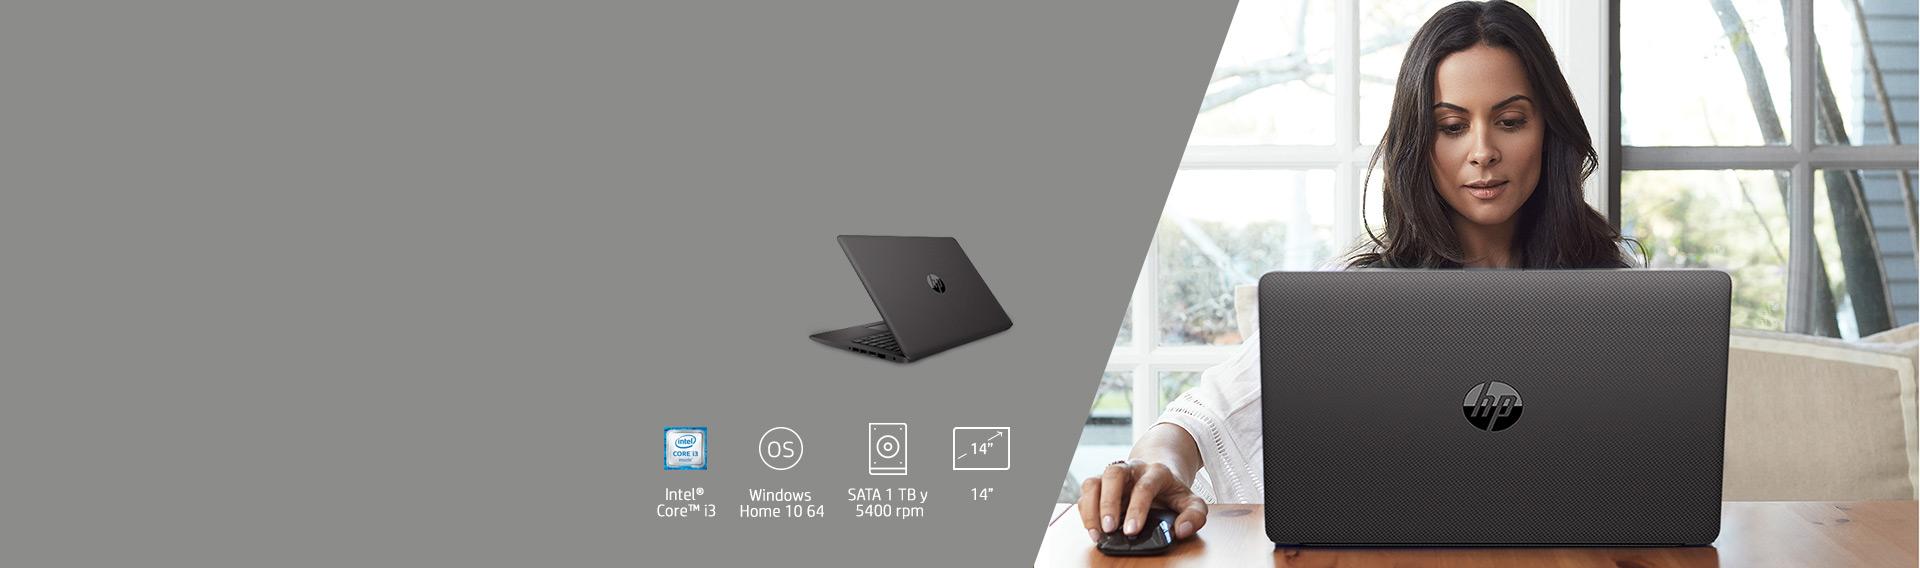 Aprovecha Notebook HP 240 G7 151D6LT en $399.990*